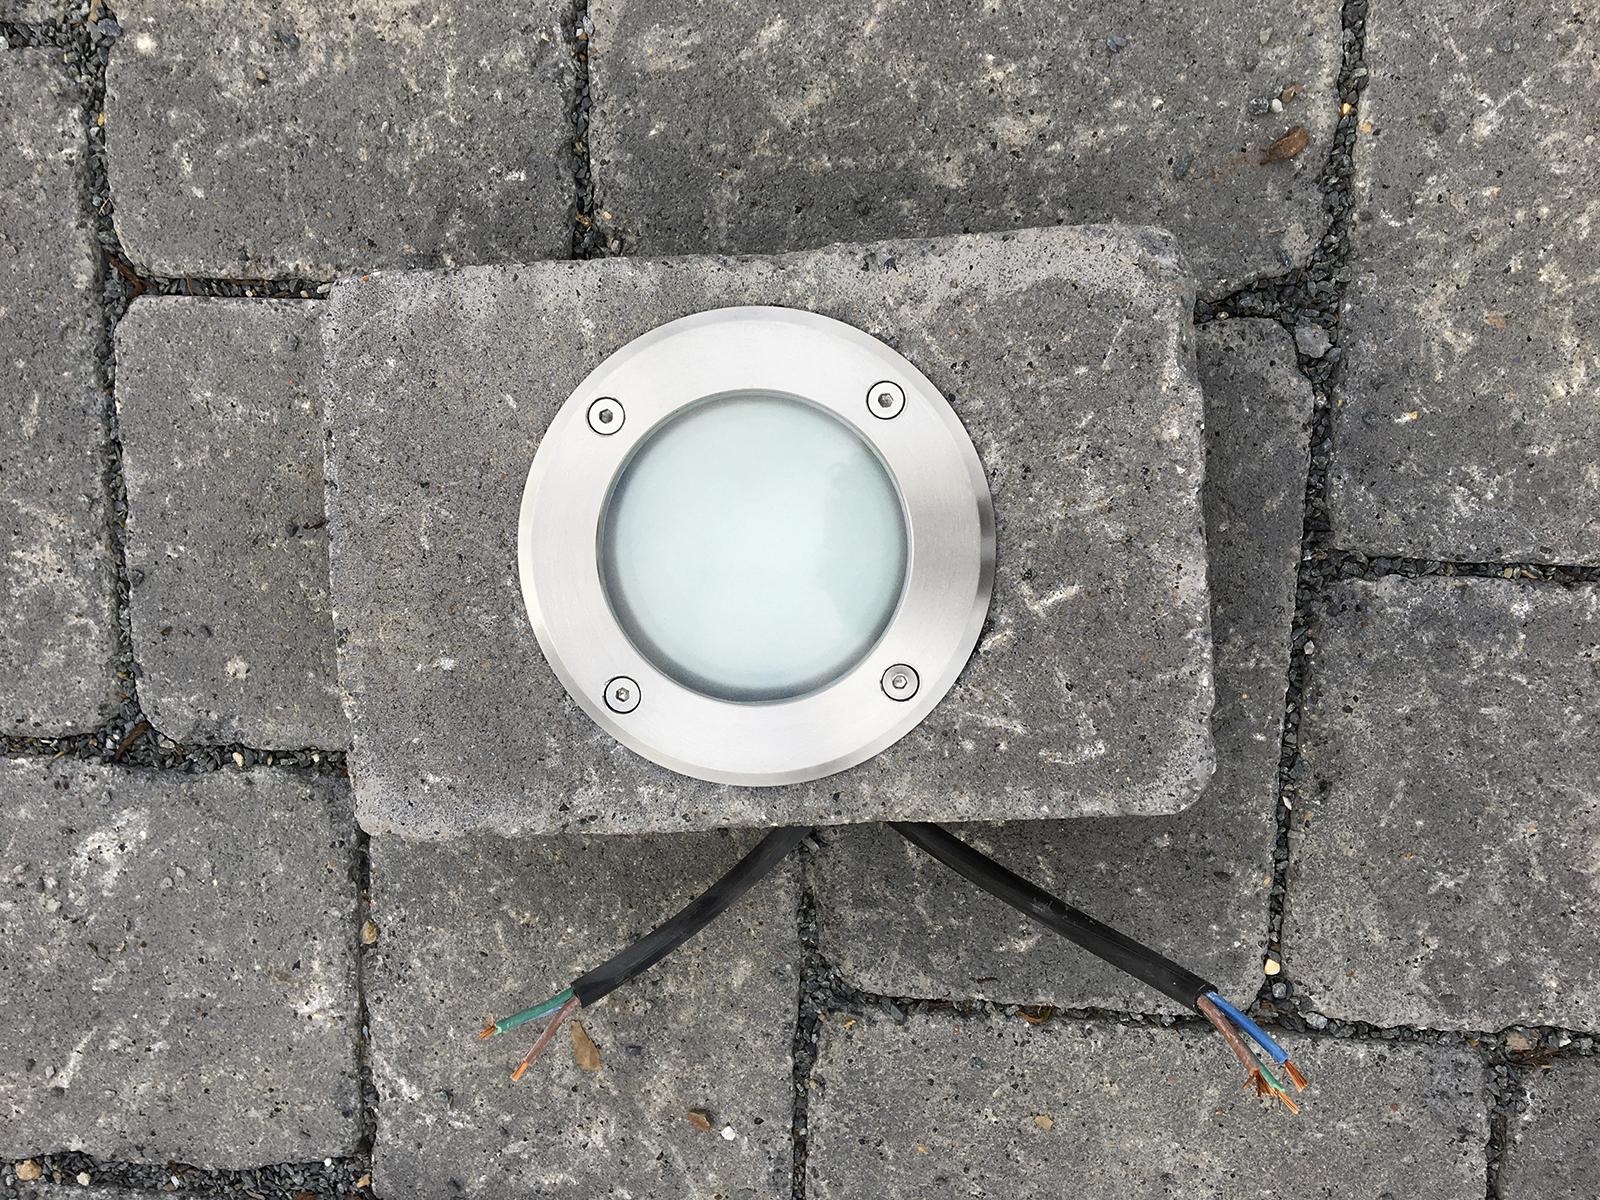 Turbo LED-Bodeneinbaustrahler MARNE - rund in Edelstahl gebürstet, 6W JP27